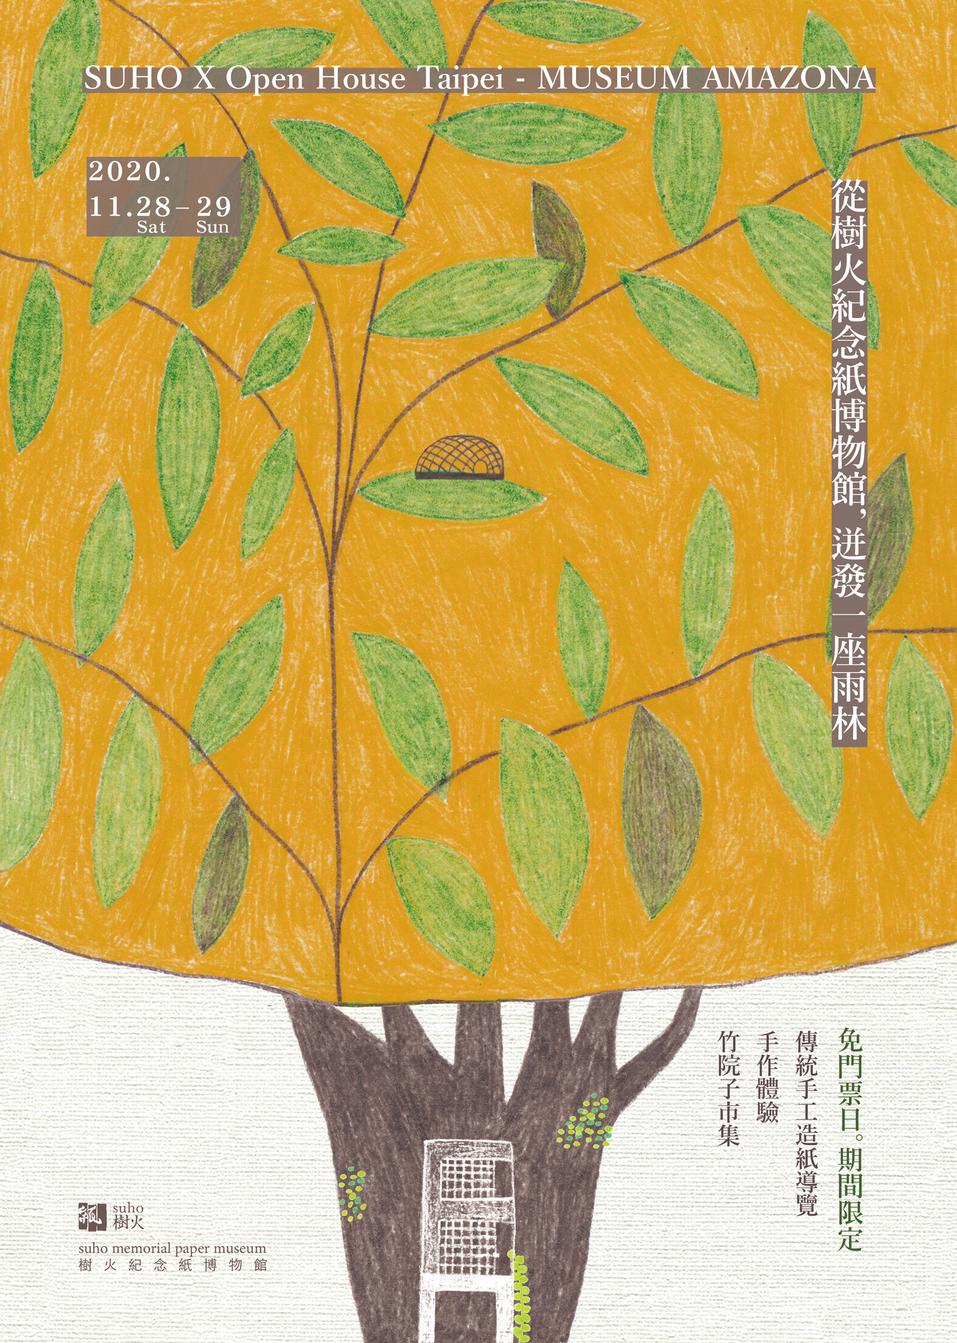 樹火紀念紙博物館:2020/11/28、11/29【SUHO X Open House Taipei – MUSEUM AMAZONA從樹火紀念紙博物館,迸發一座雨林】